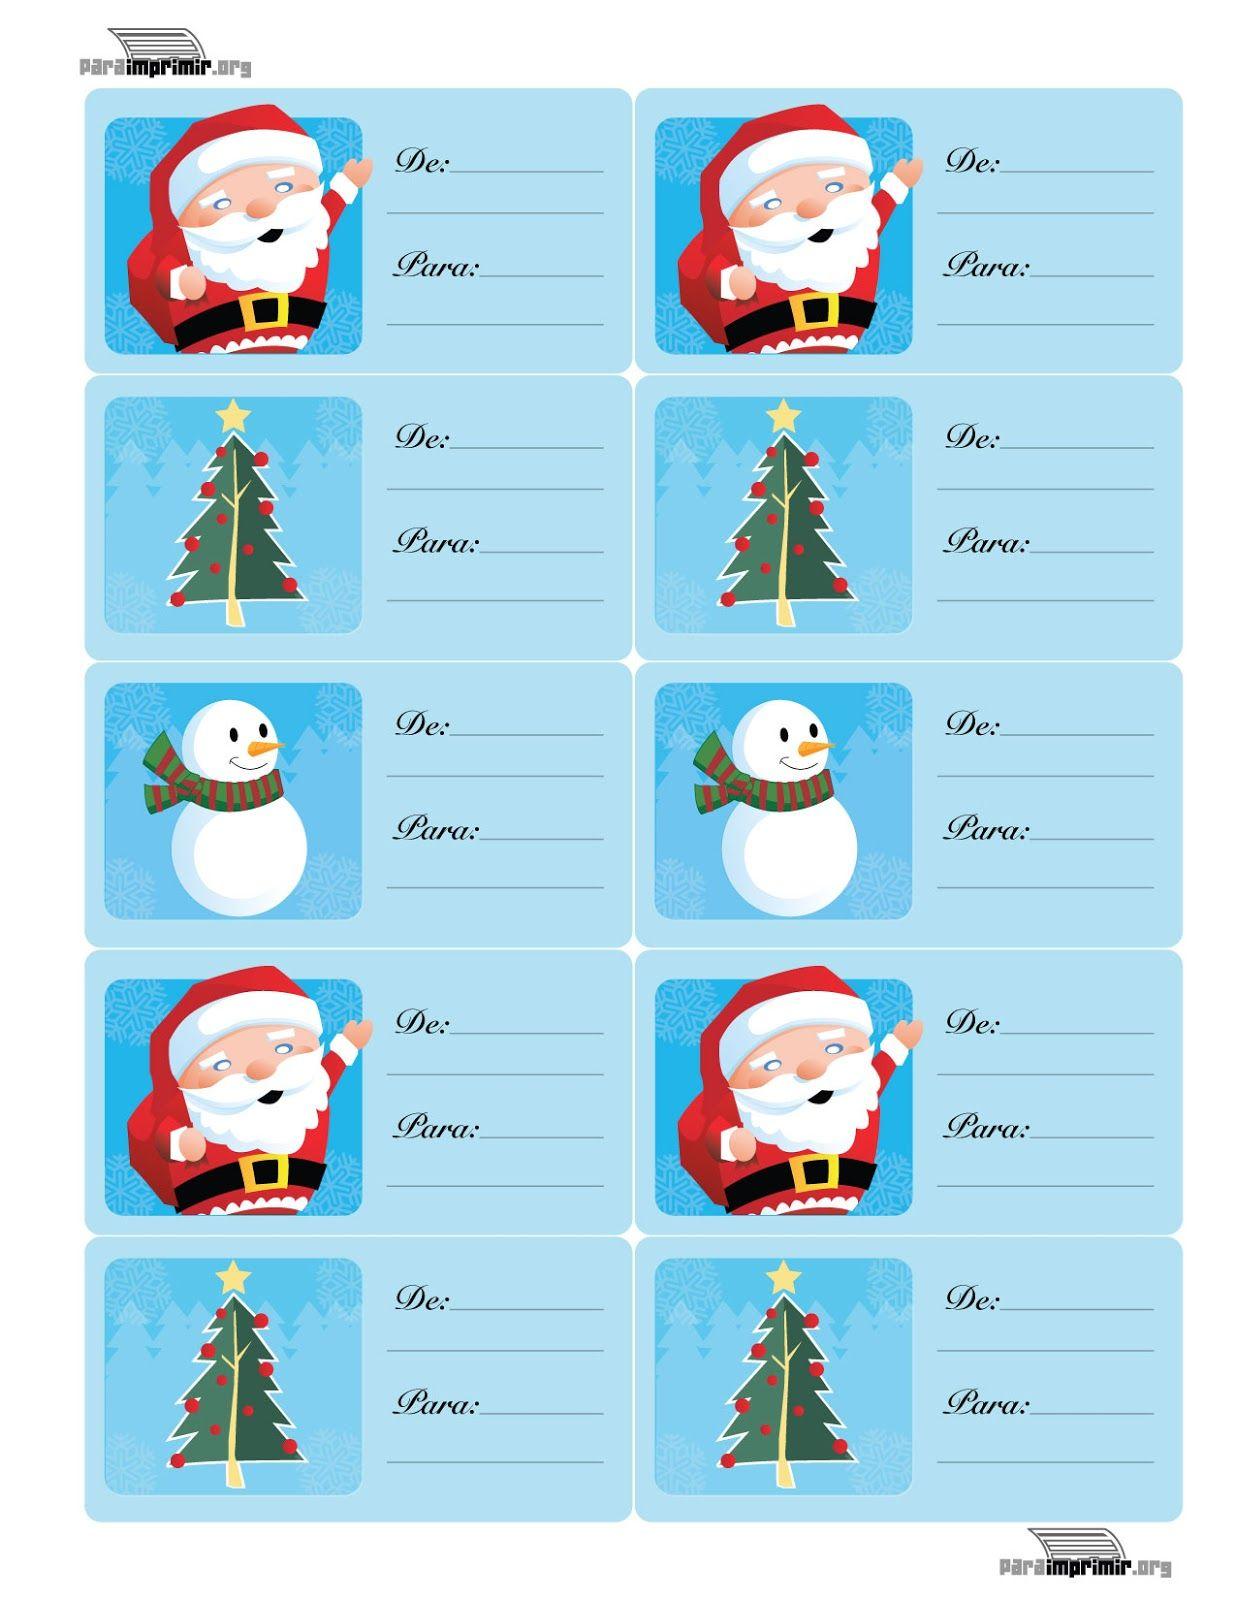 Etiquetas regalos de navidad para imprimir | Divertidas de Navidad ...